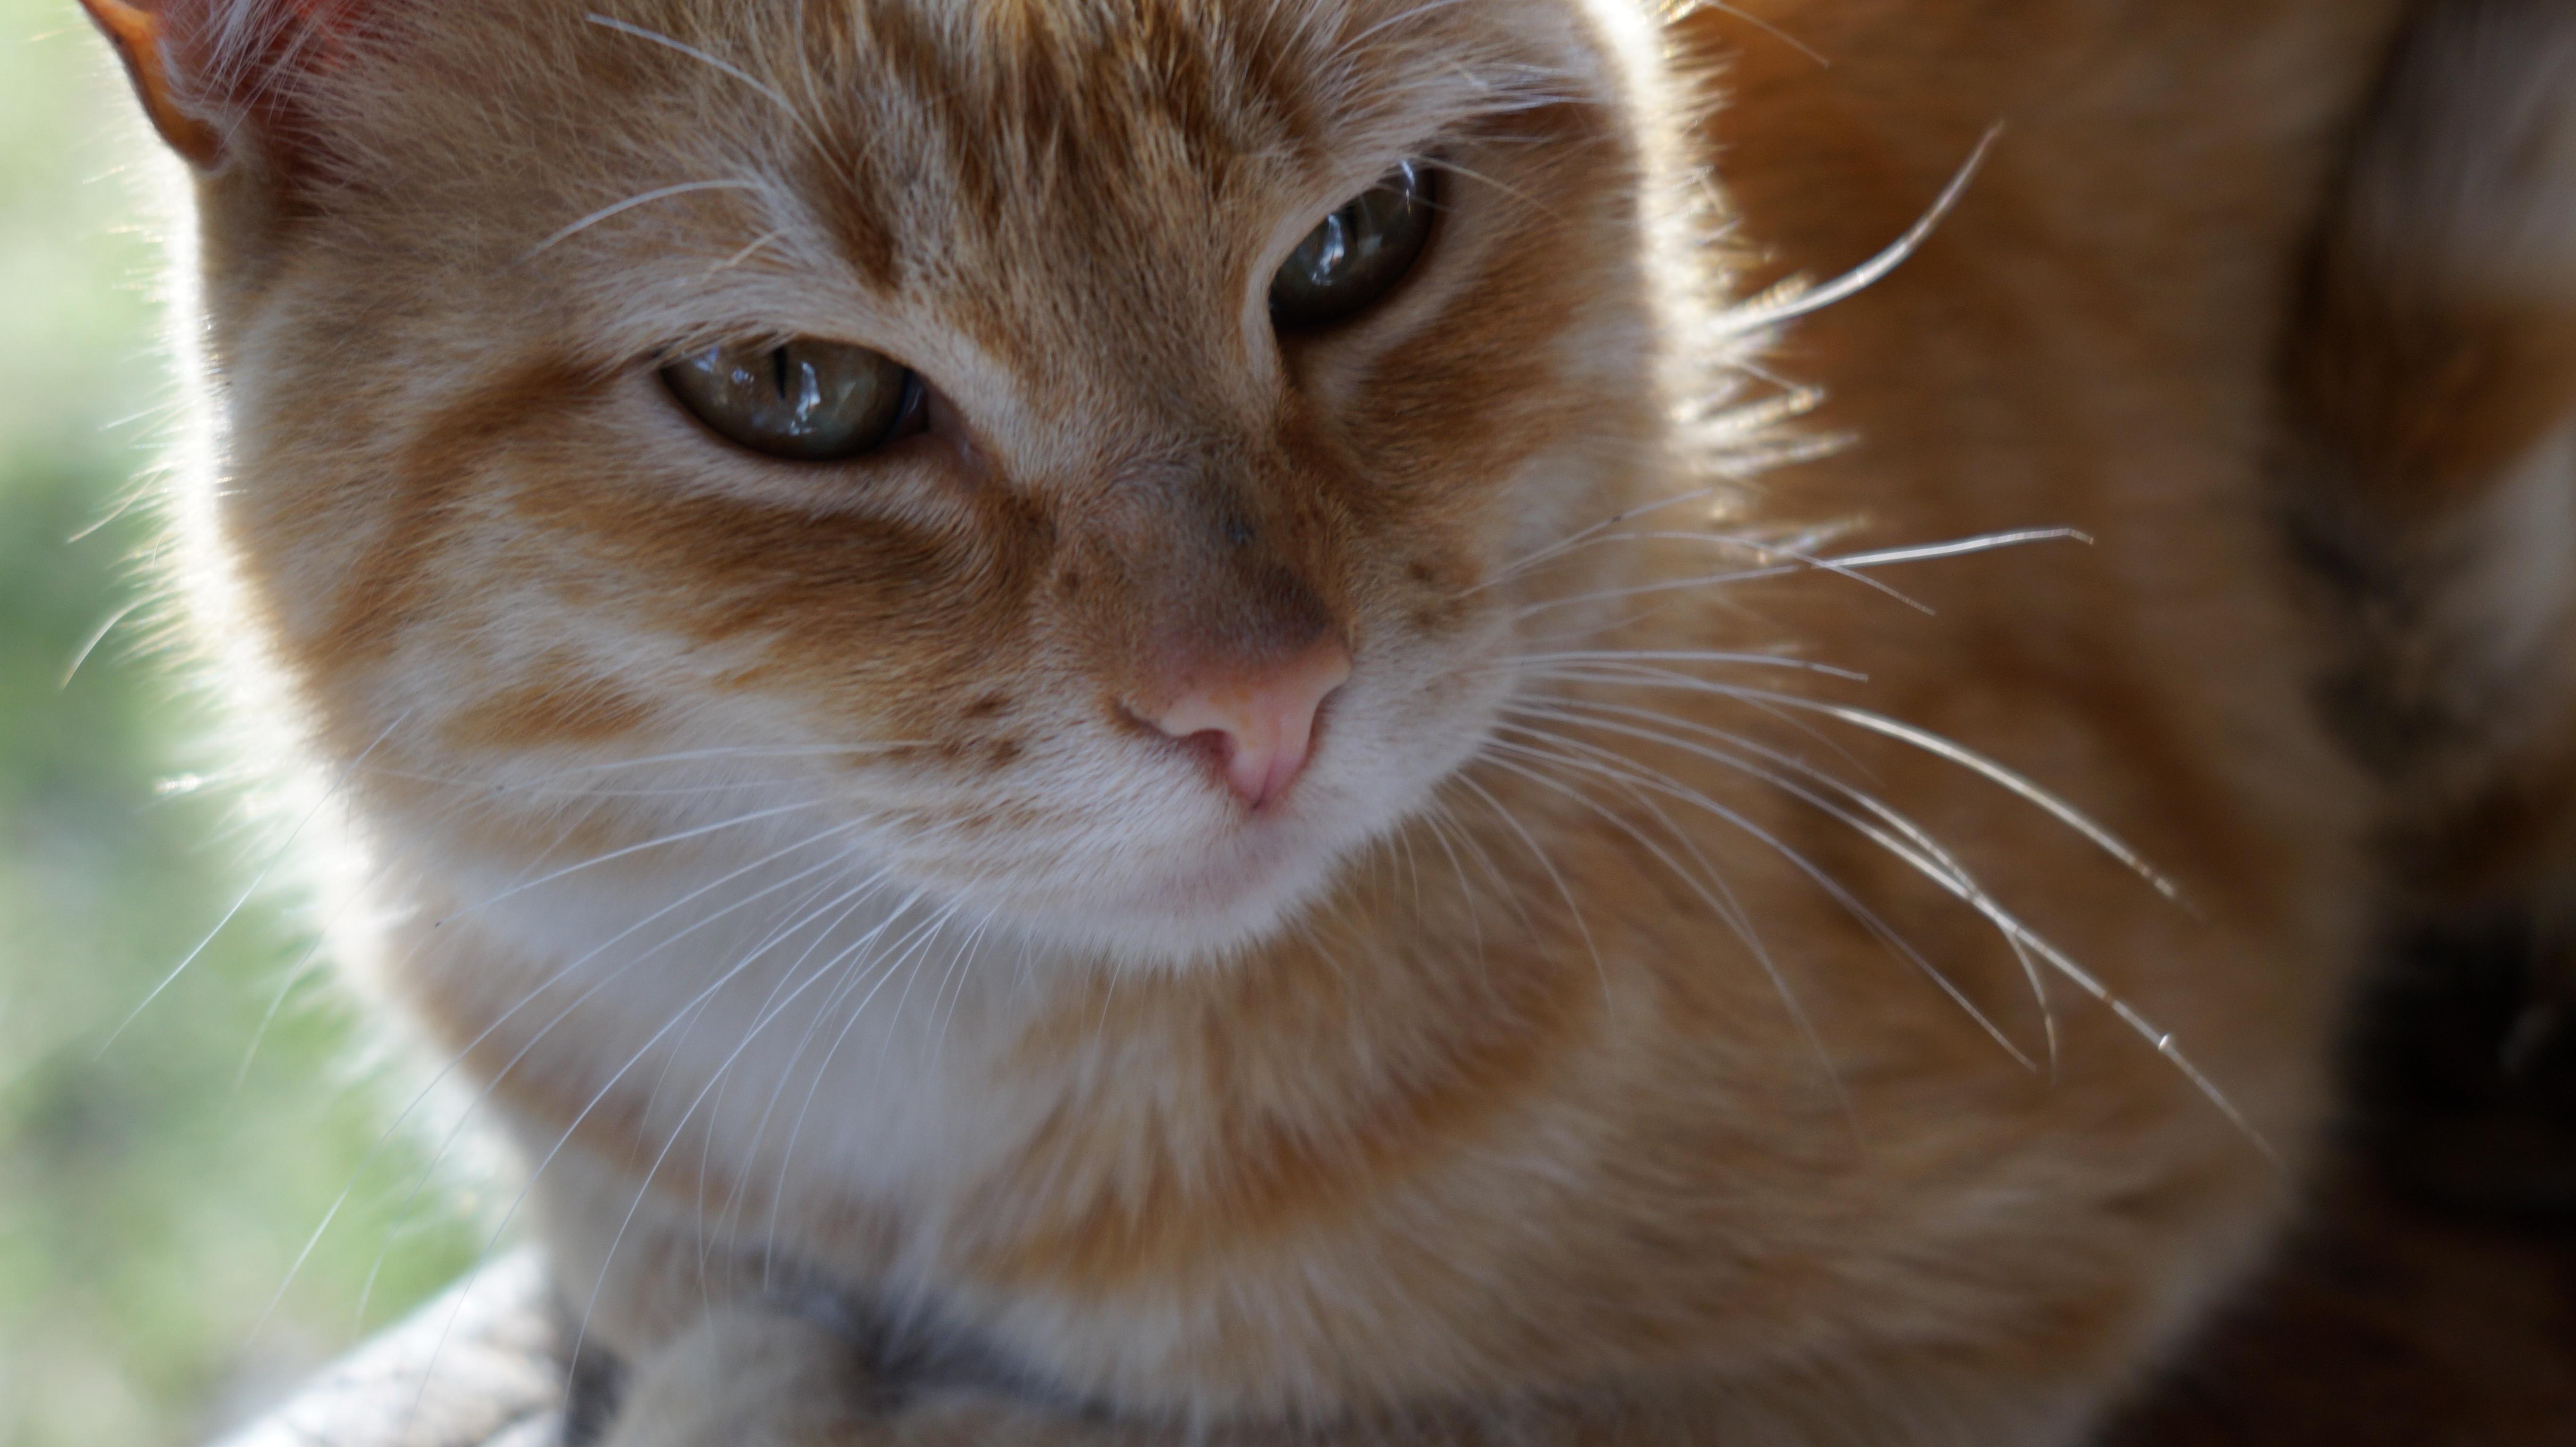 Darmowe Zdjęcia Fauna ścieśniać Nos Wąsy Pysk Skóra